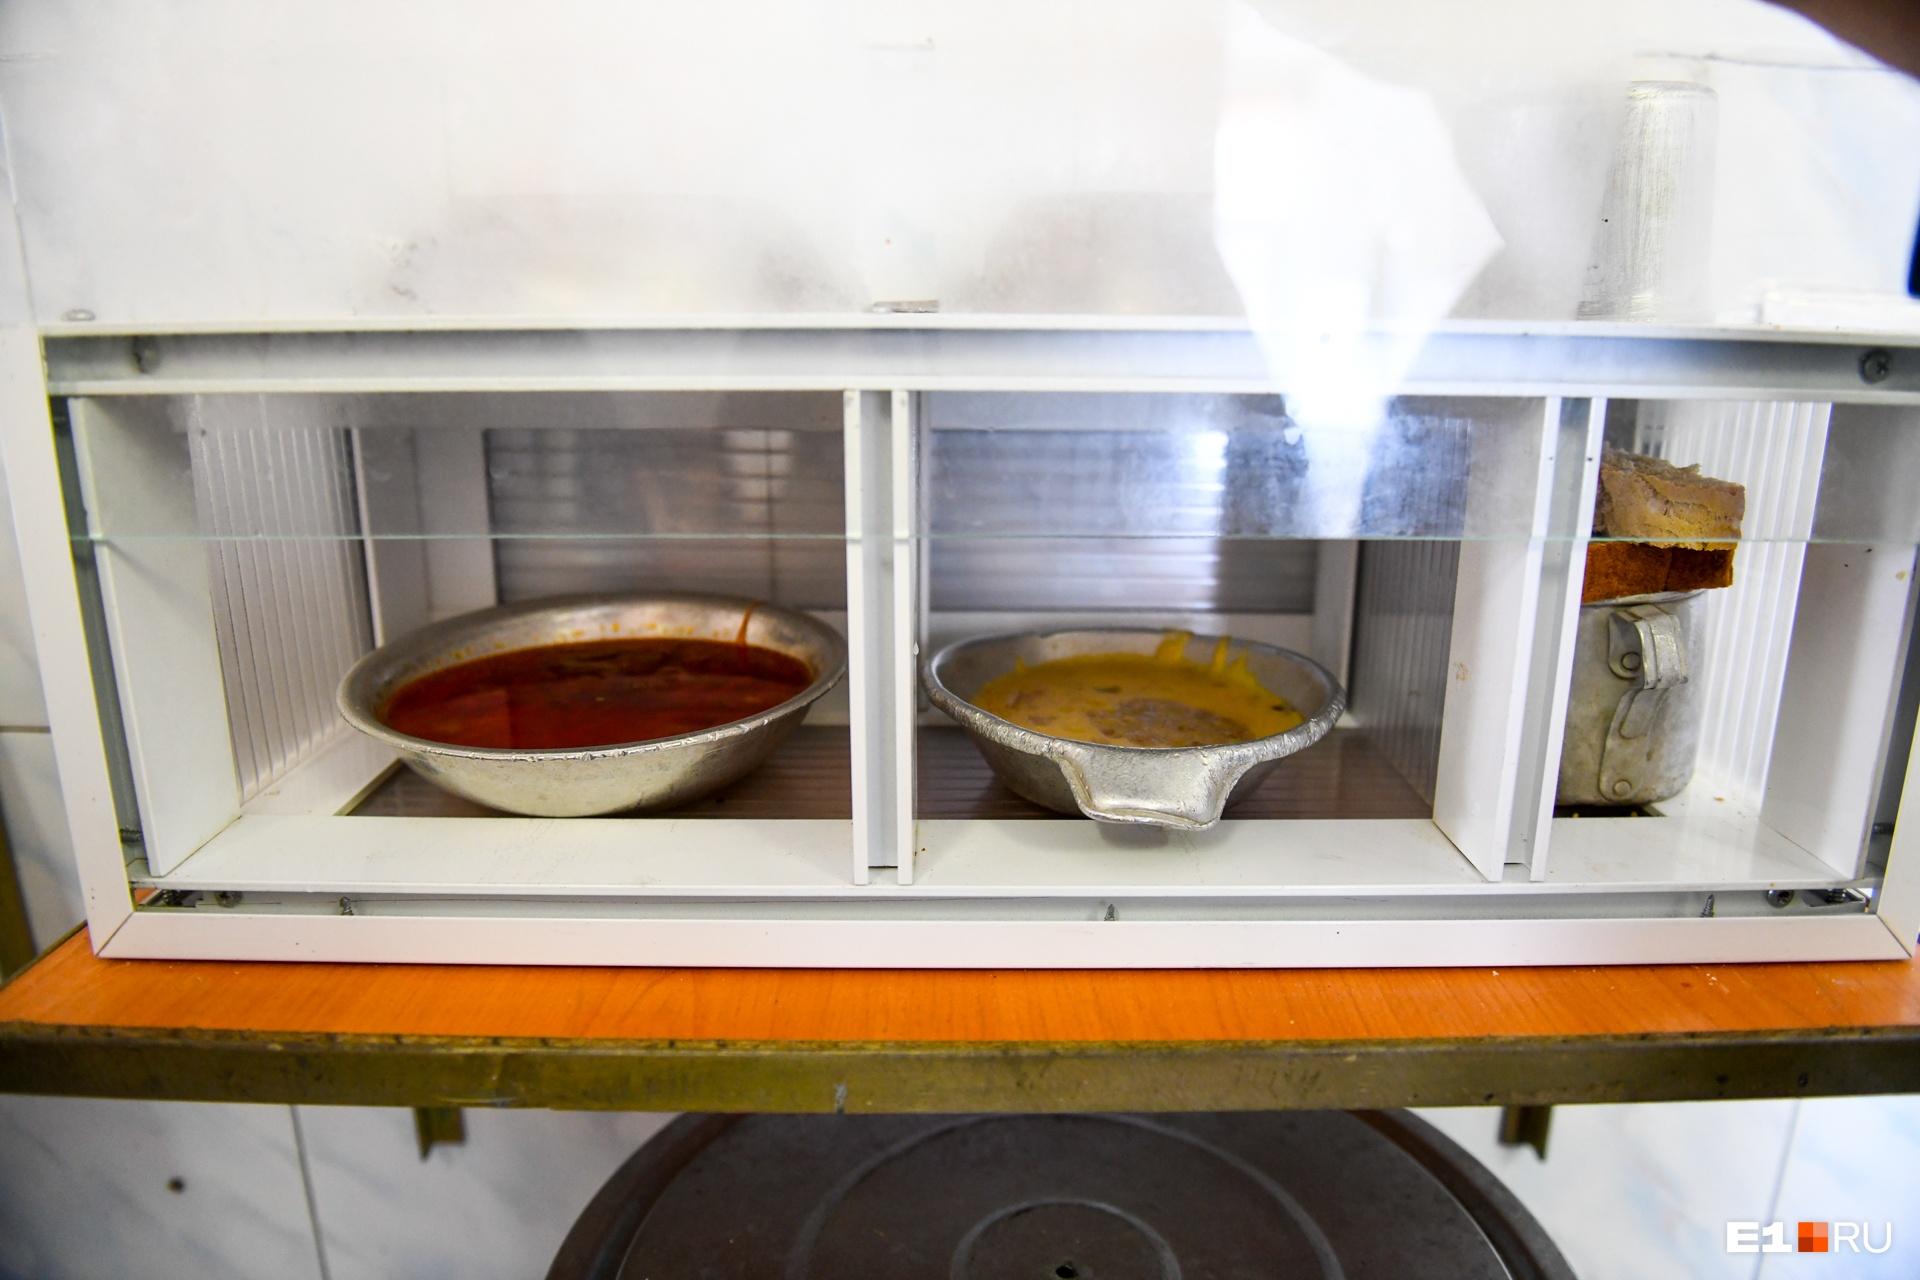 Еду готовят сами заключенные